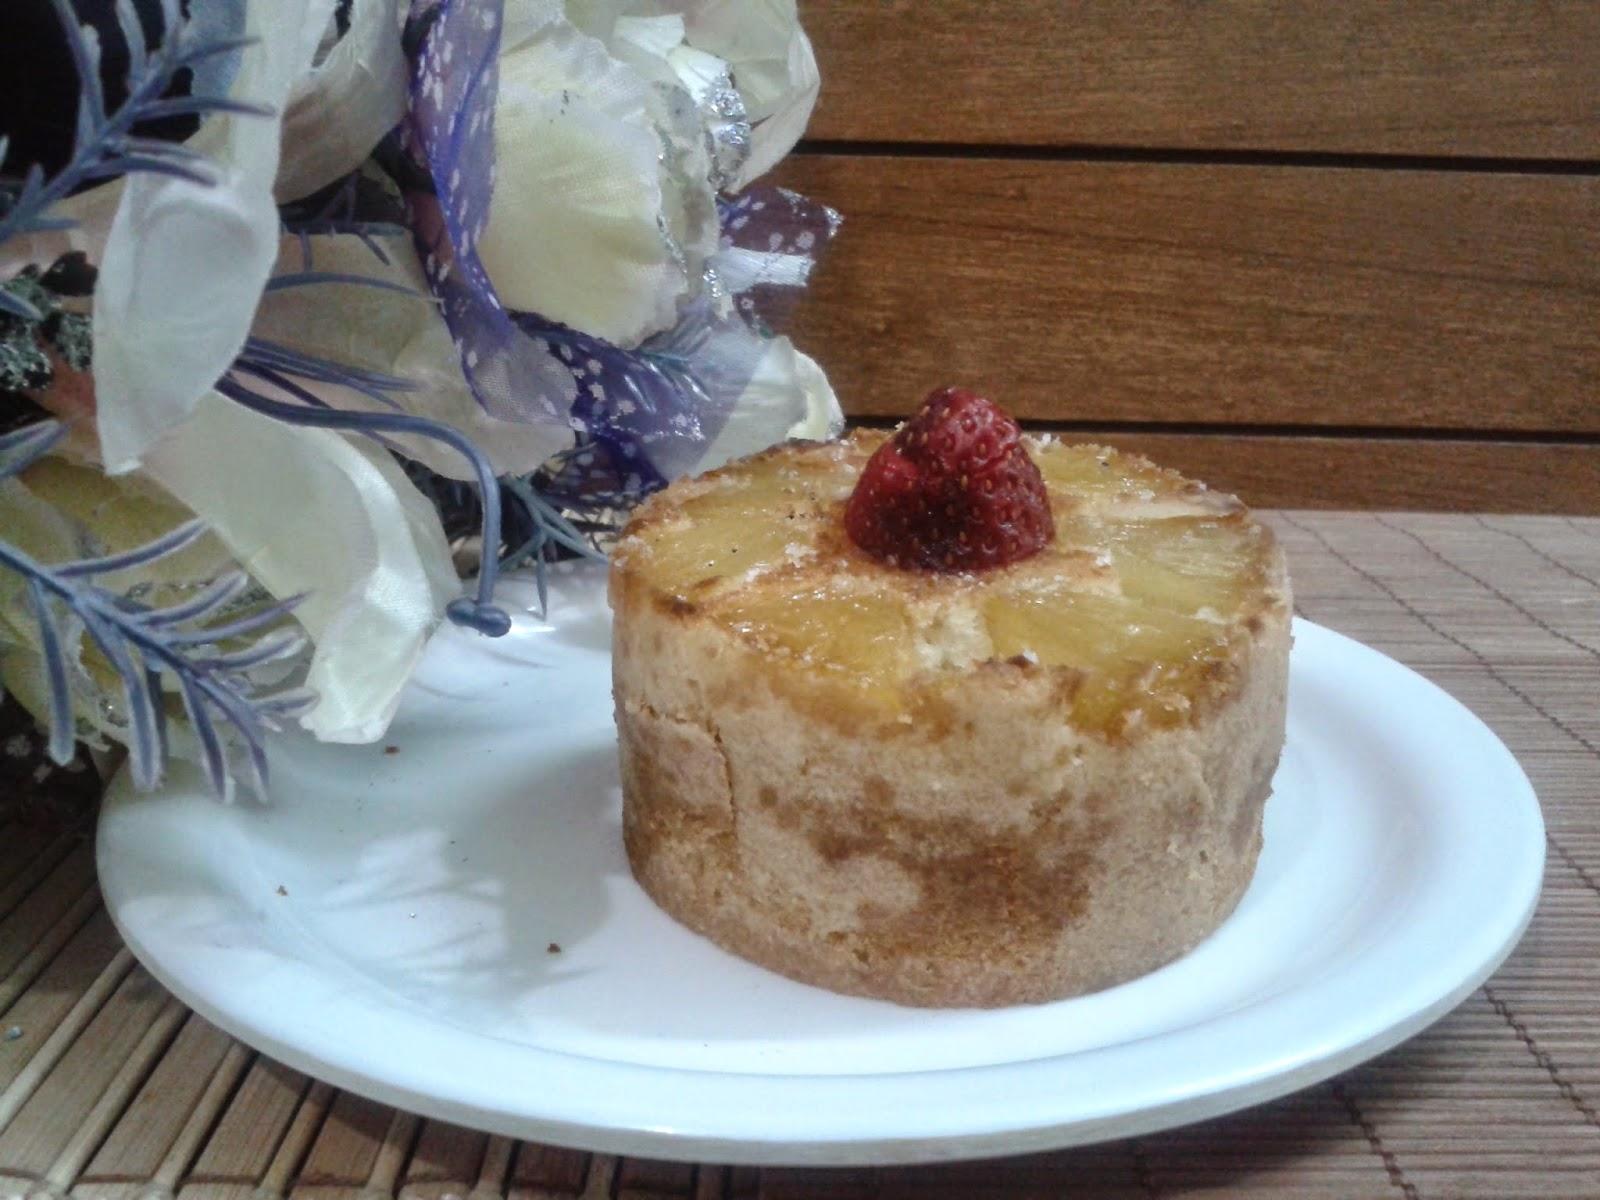 http://www.paakvidhi.com/2014/07/pineapple-sponge-cake.html